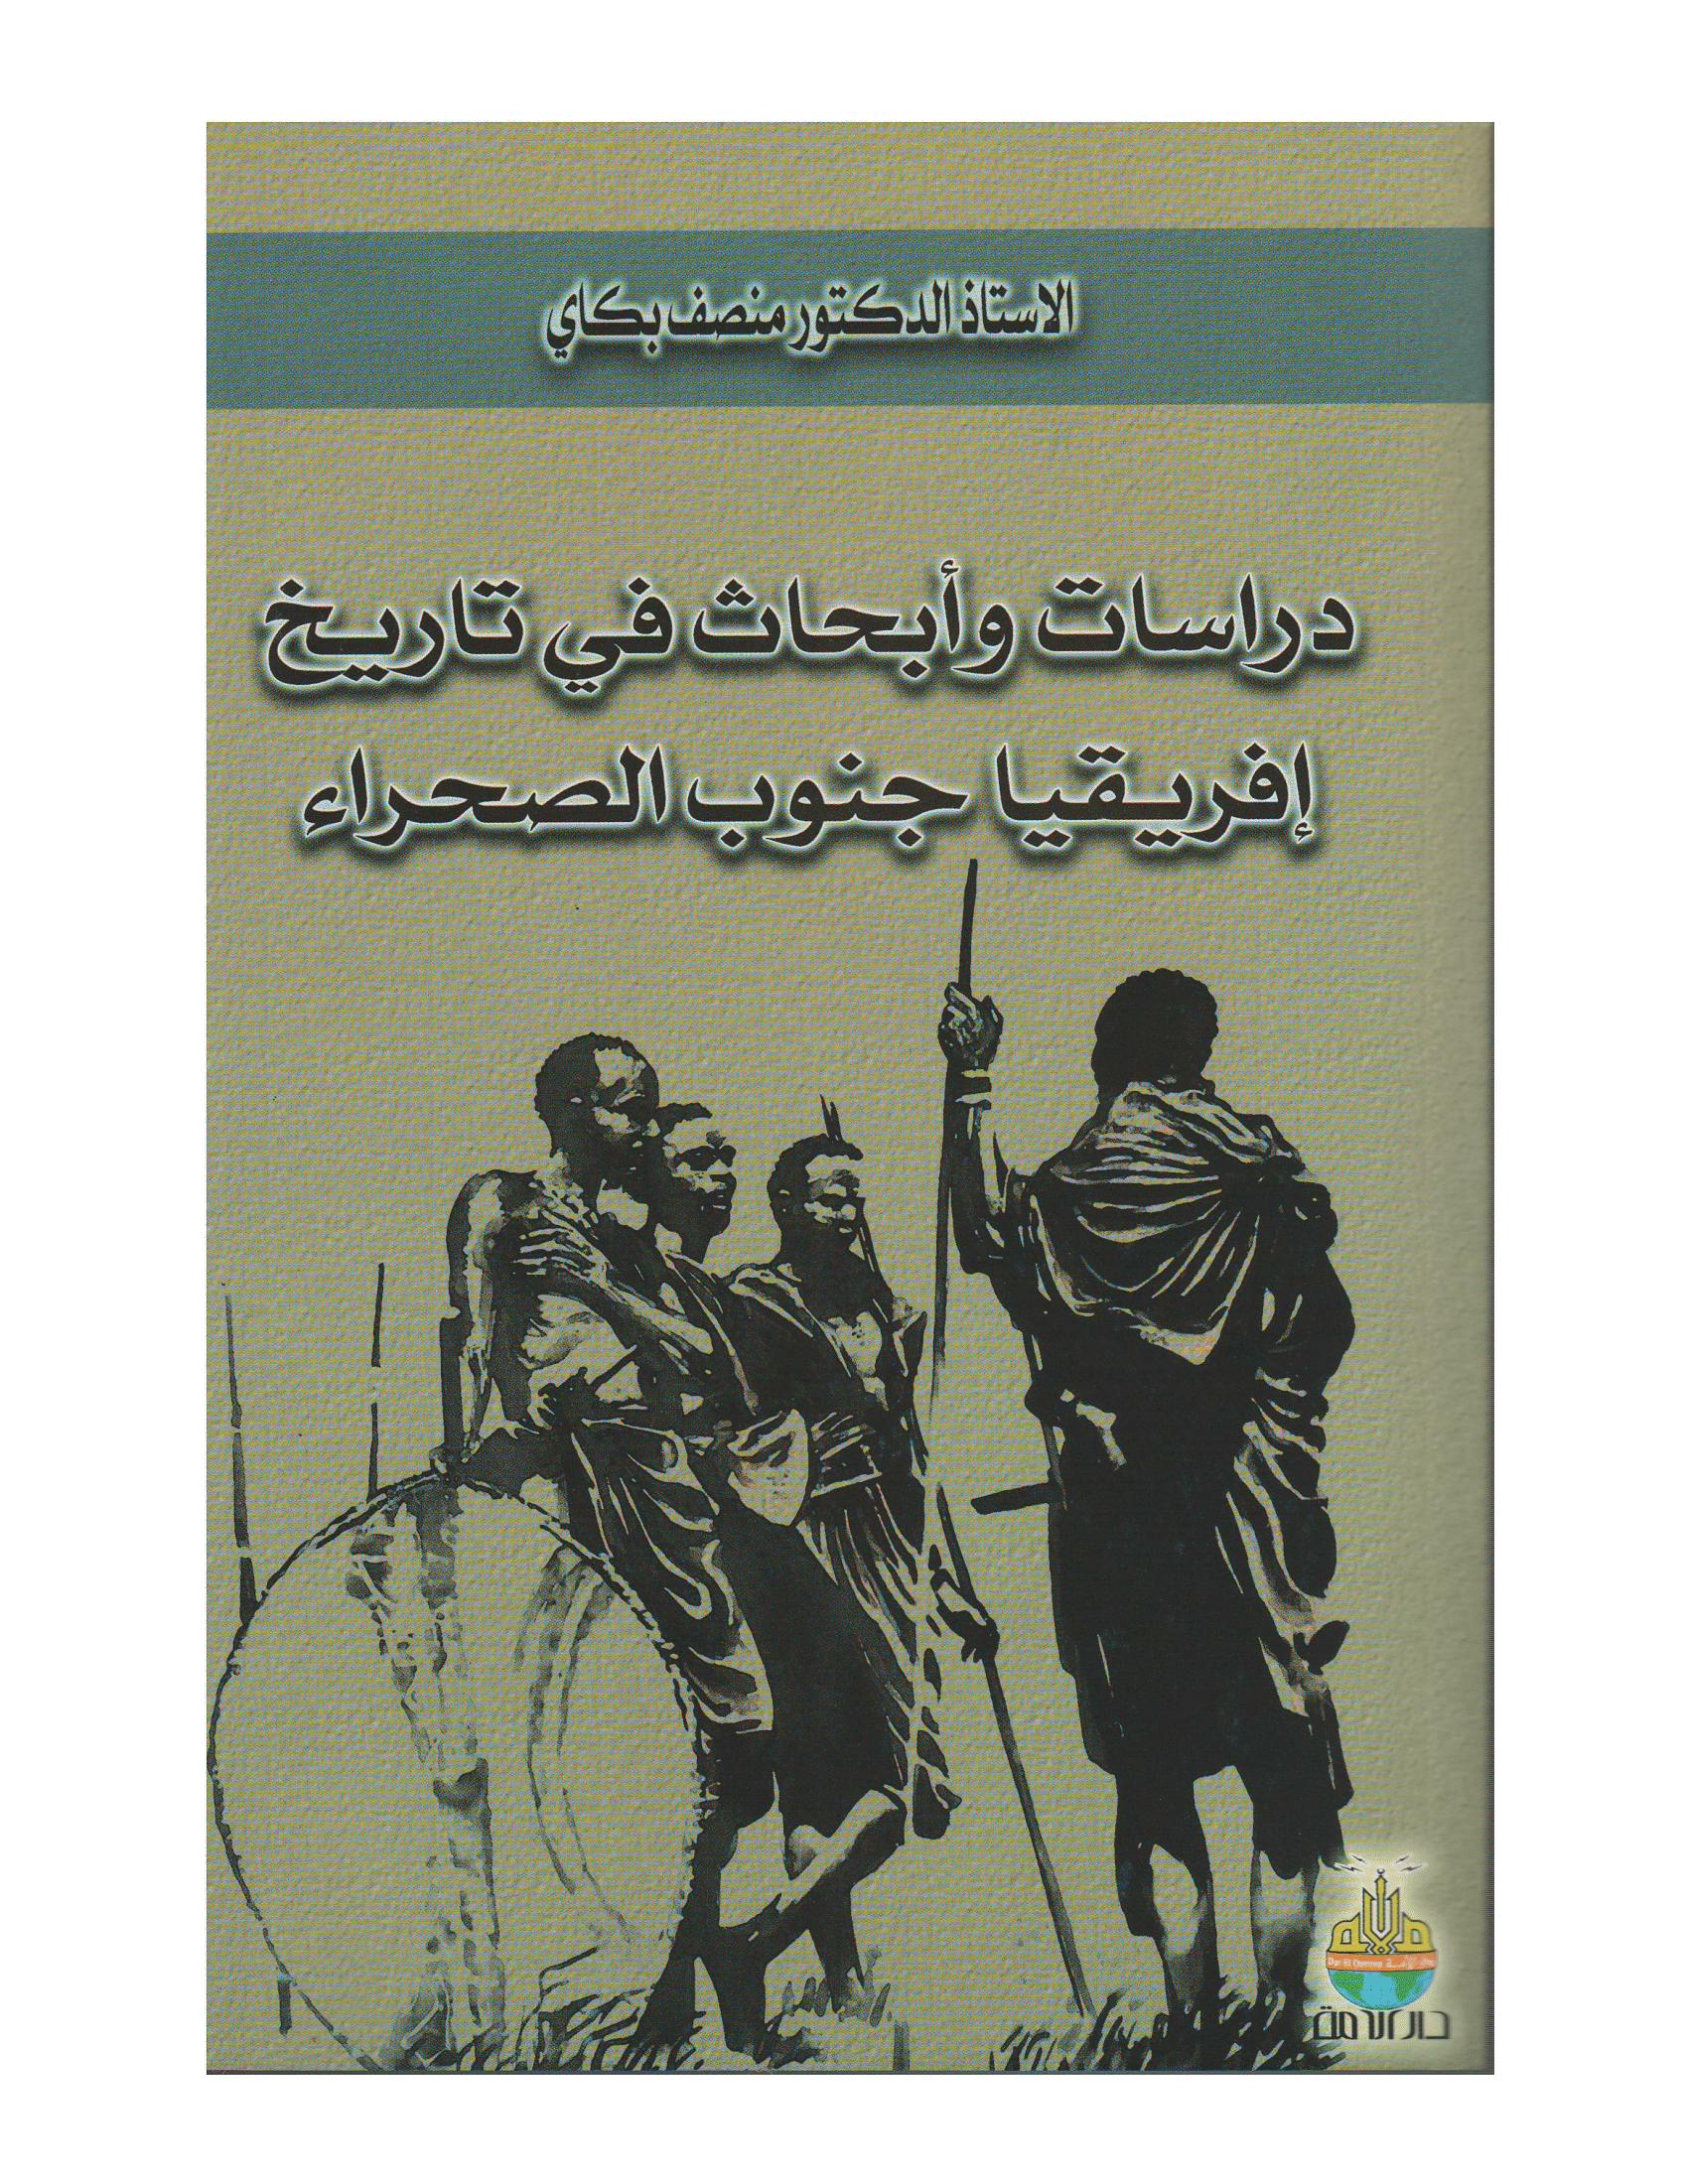 صدور كتاب جديد للبروفيسور منصف بكاي مدير مخبر دراسات إفريقية جامعة الجزائر2 بعنوان دراسات و أبحاث في تاريخ إفريقيا جنوب الصحراء Baseball Cards History Cards